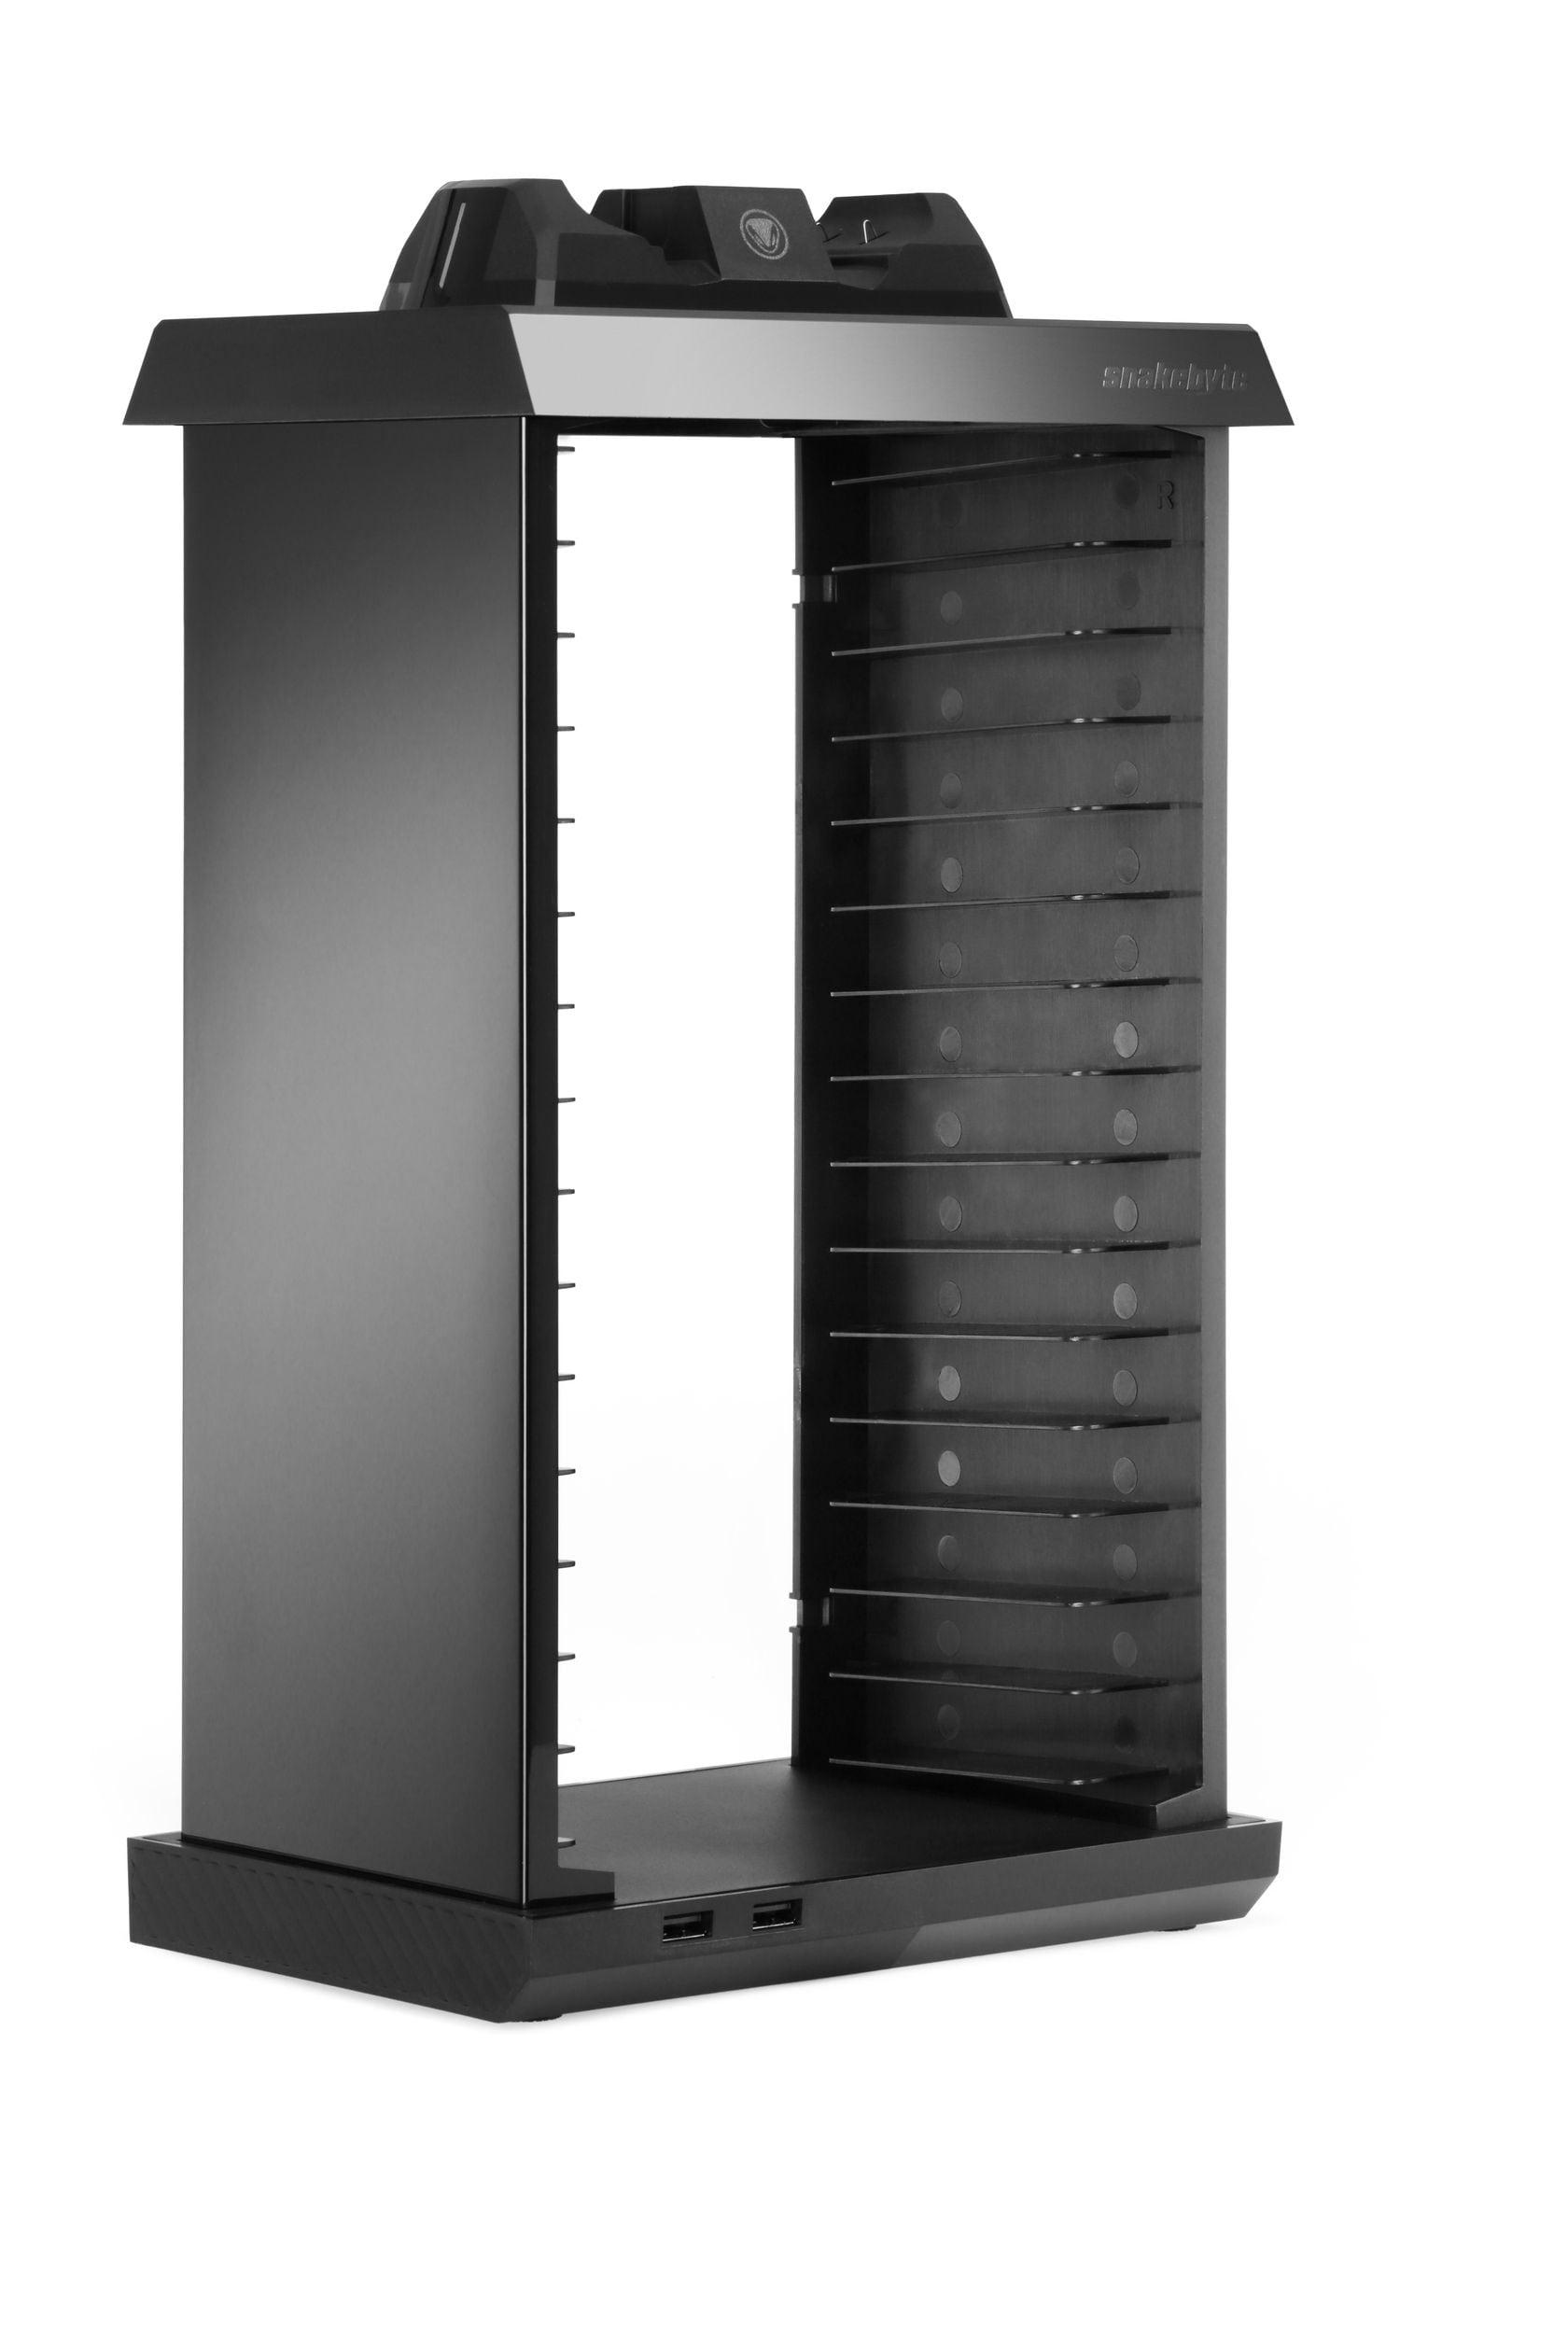 snakebyte ładowarka kontrolera Xbox One z akumulatorami CHARGE:TOWER PRO - 1